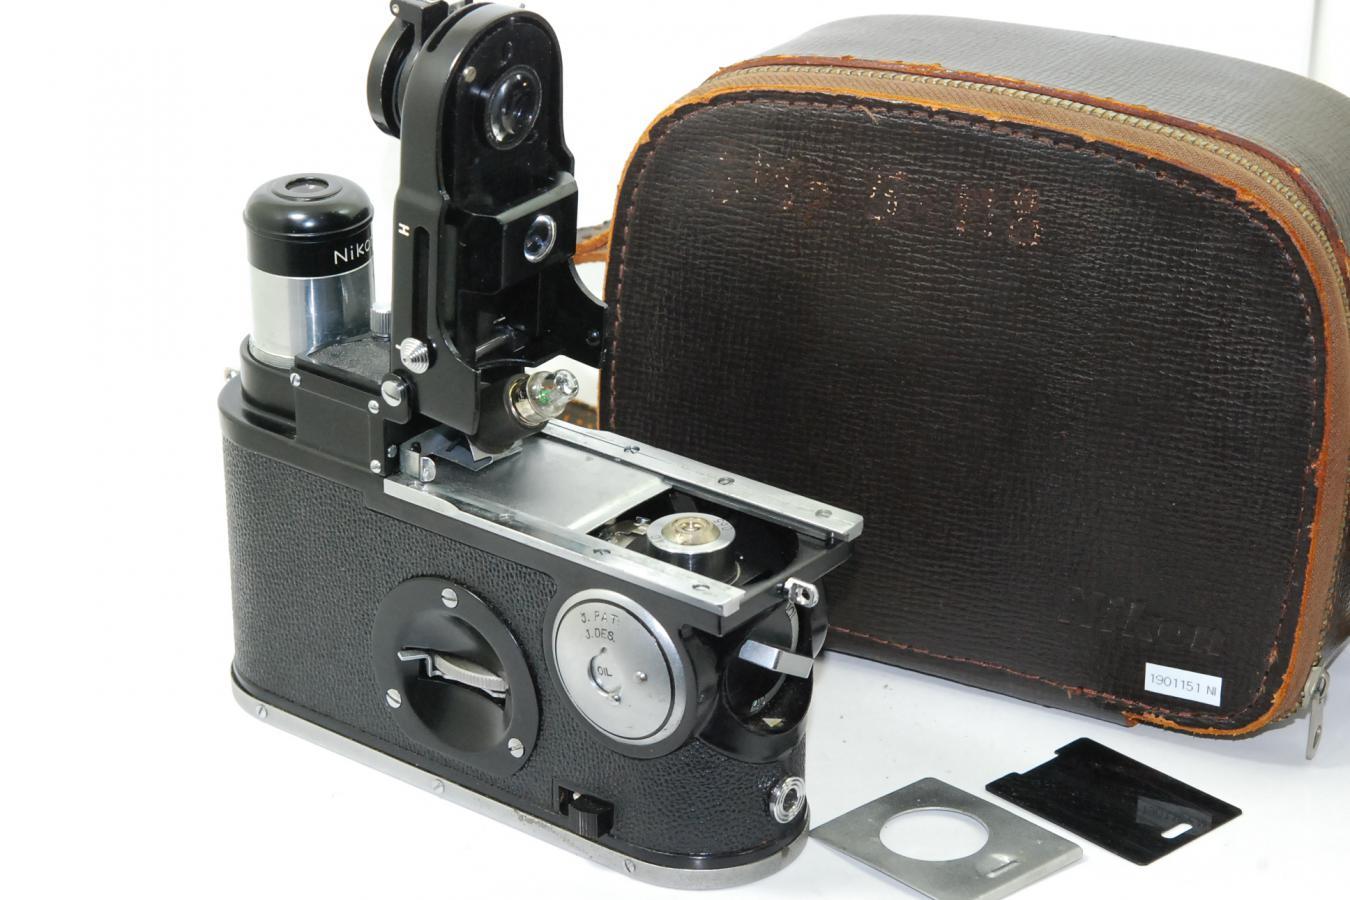 【コレクション向け 珍 品】 ニコン 携帯顕微鏡H型 純正ケース付 【ベトナム戦争で米兵が使用したことで有名】